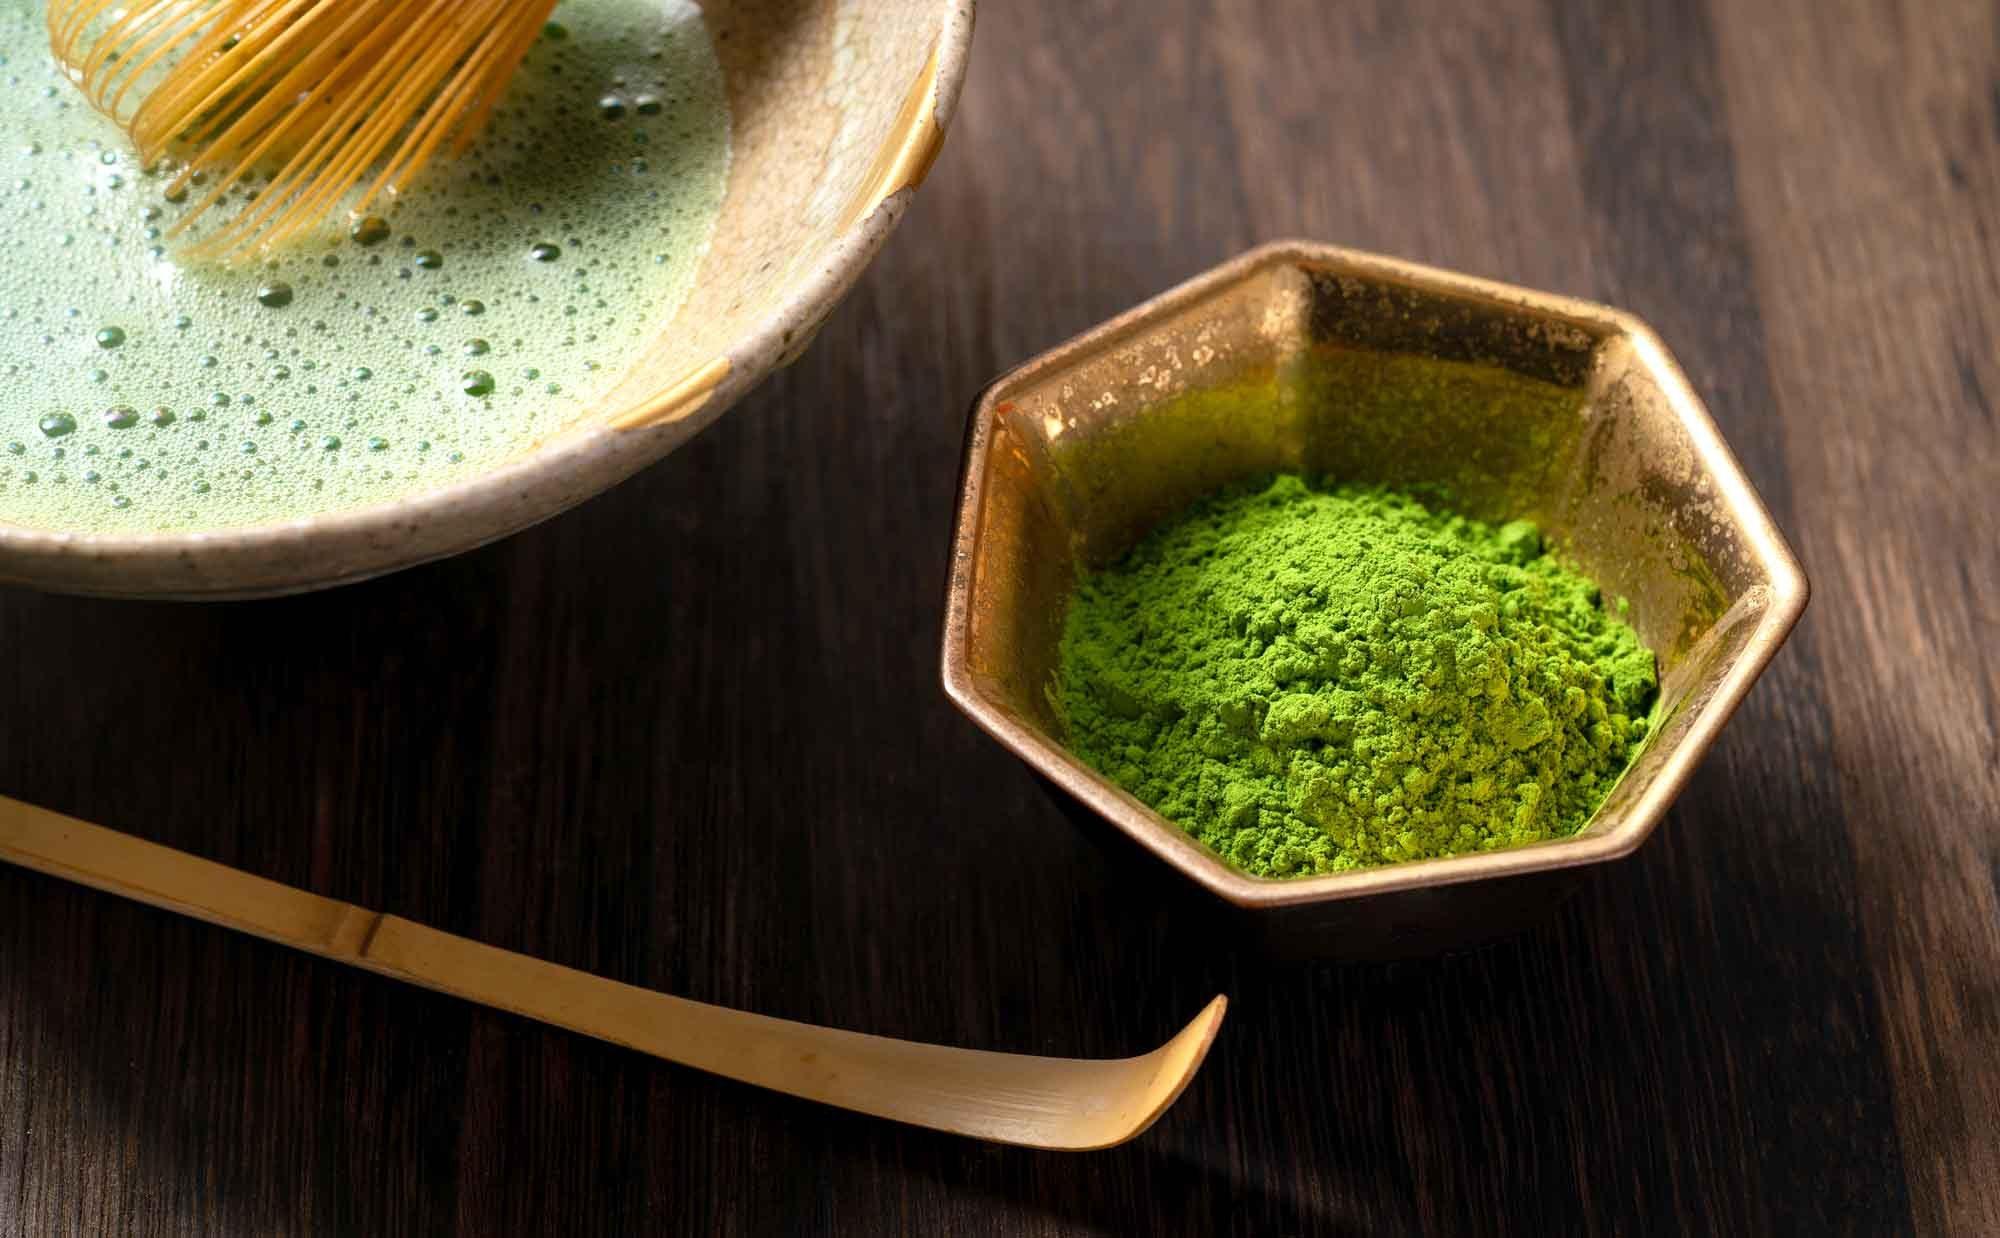 日常を豊かにする「茶道」の学び。奥深い作法の魅力と始め方